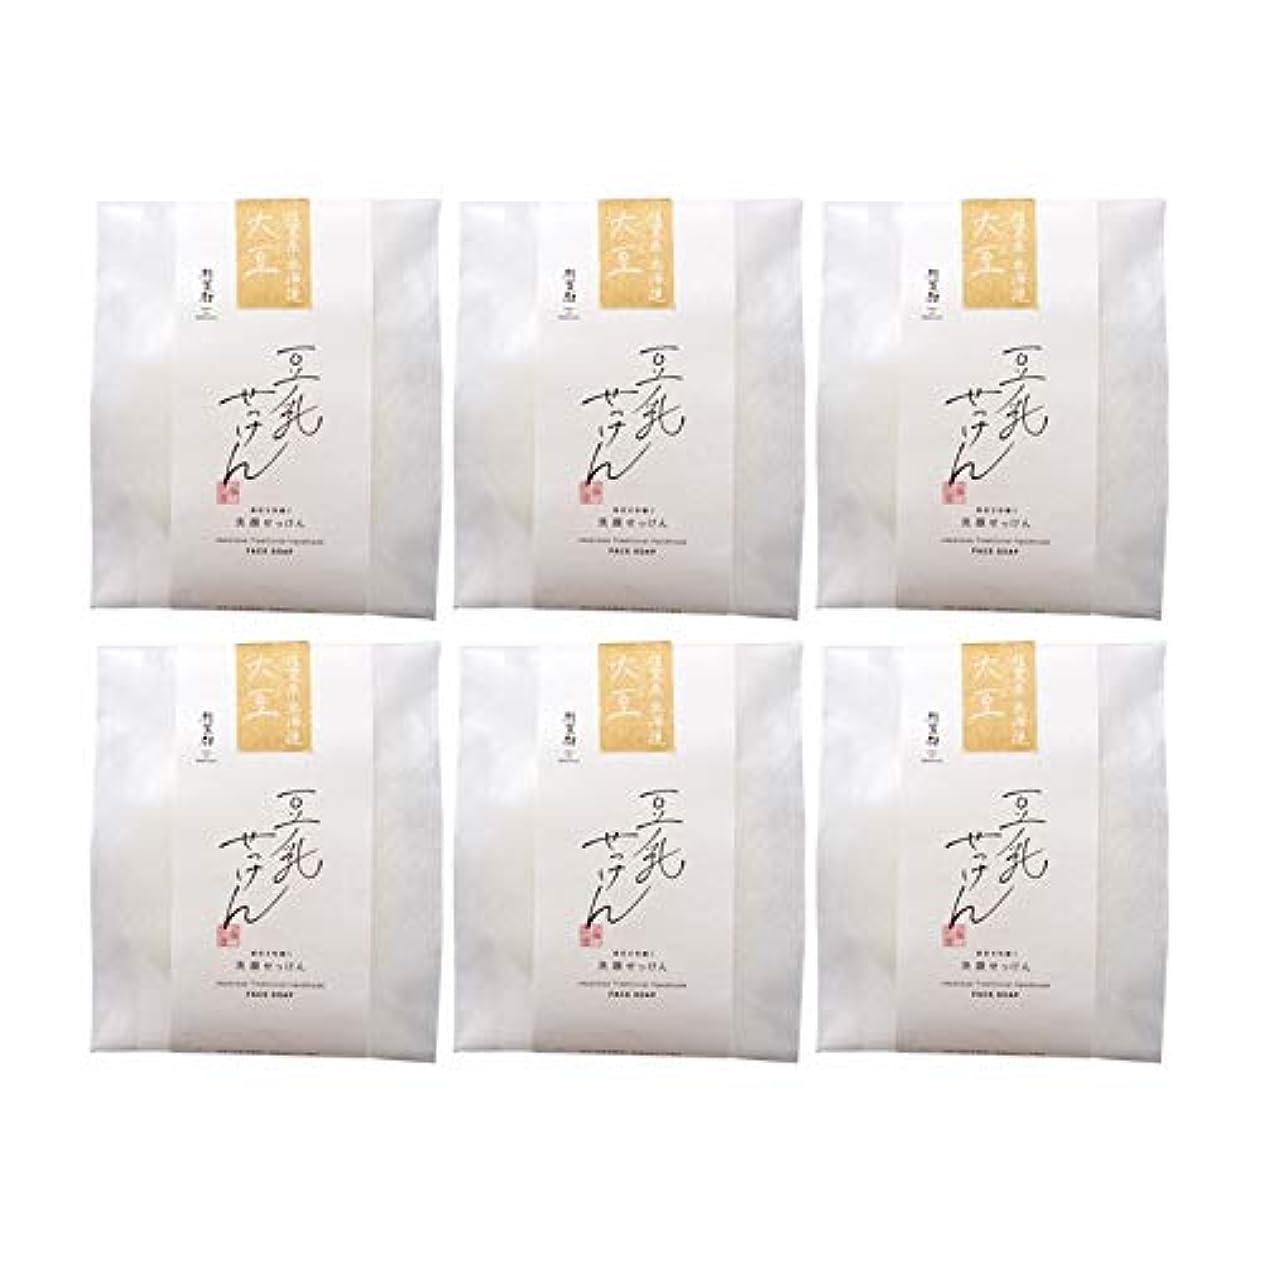 口頭比べる予想する豆腐の盛田屋 豆乳せっけん 自然生活 100g×6個セット